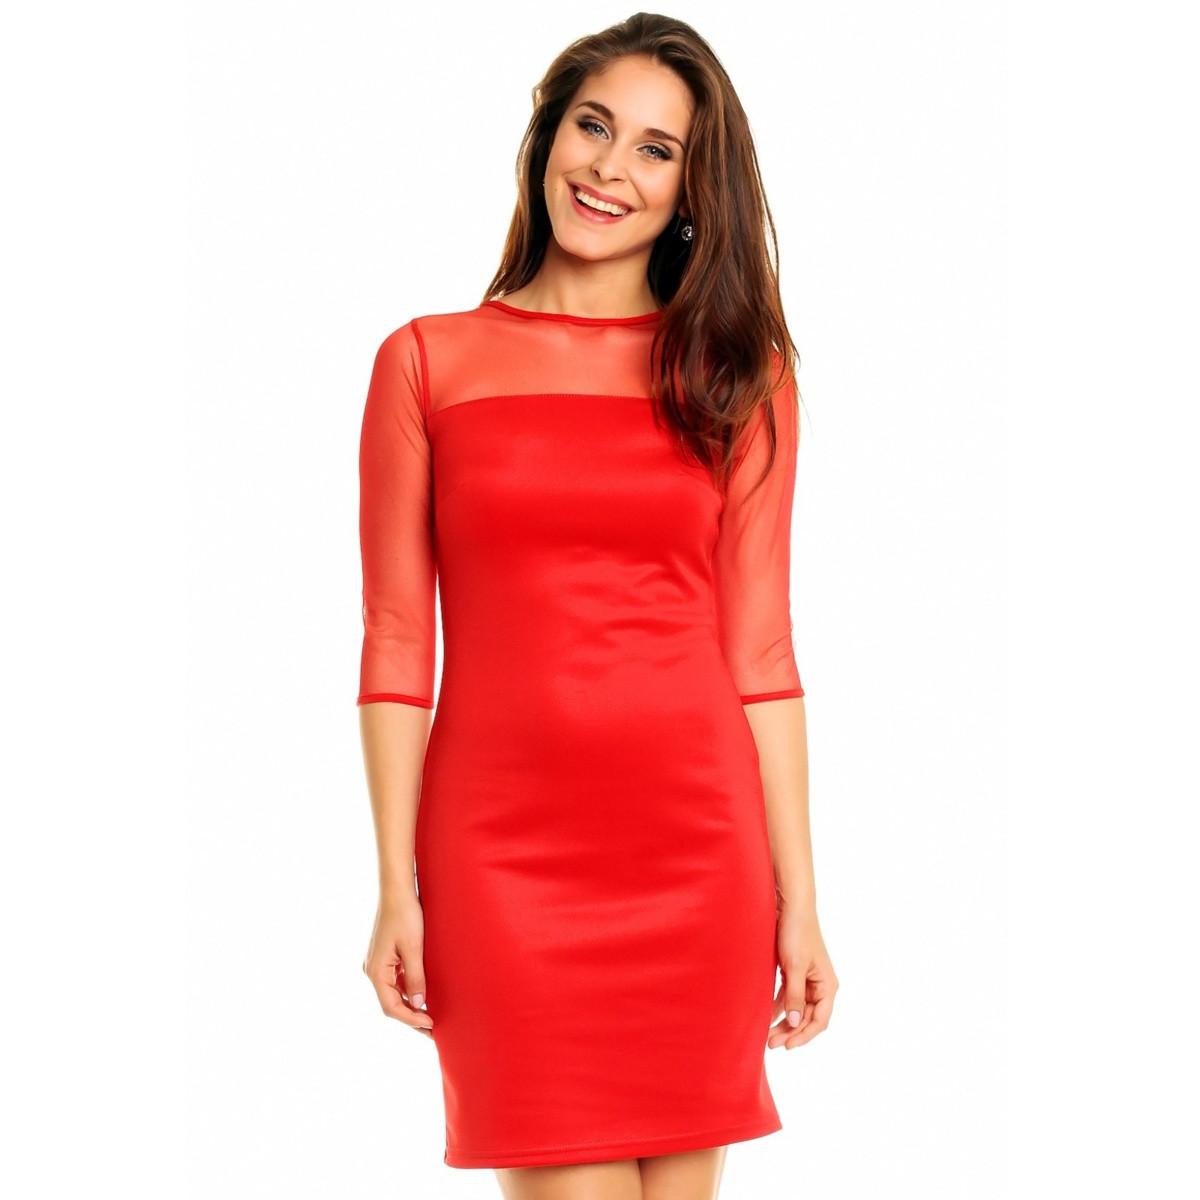 Společenské a párty šaty MAYAADI s šifonovým živutkem a rukávy červená S